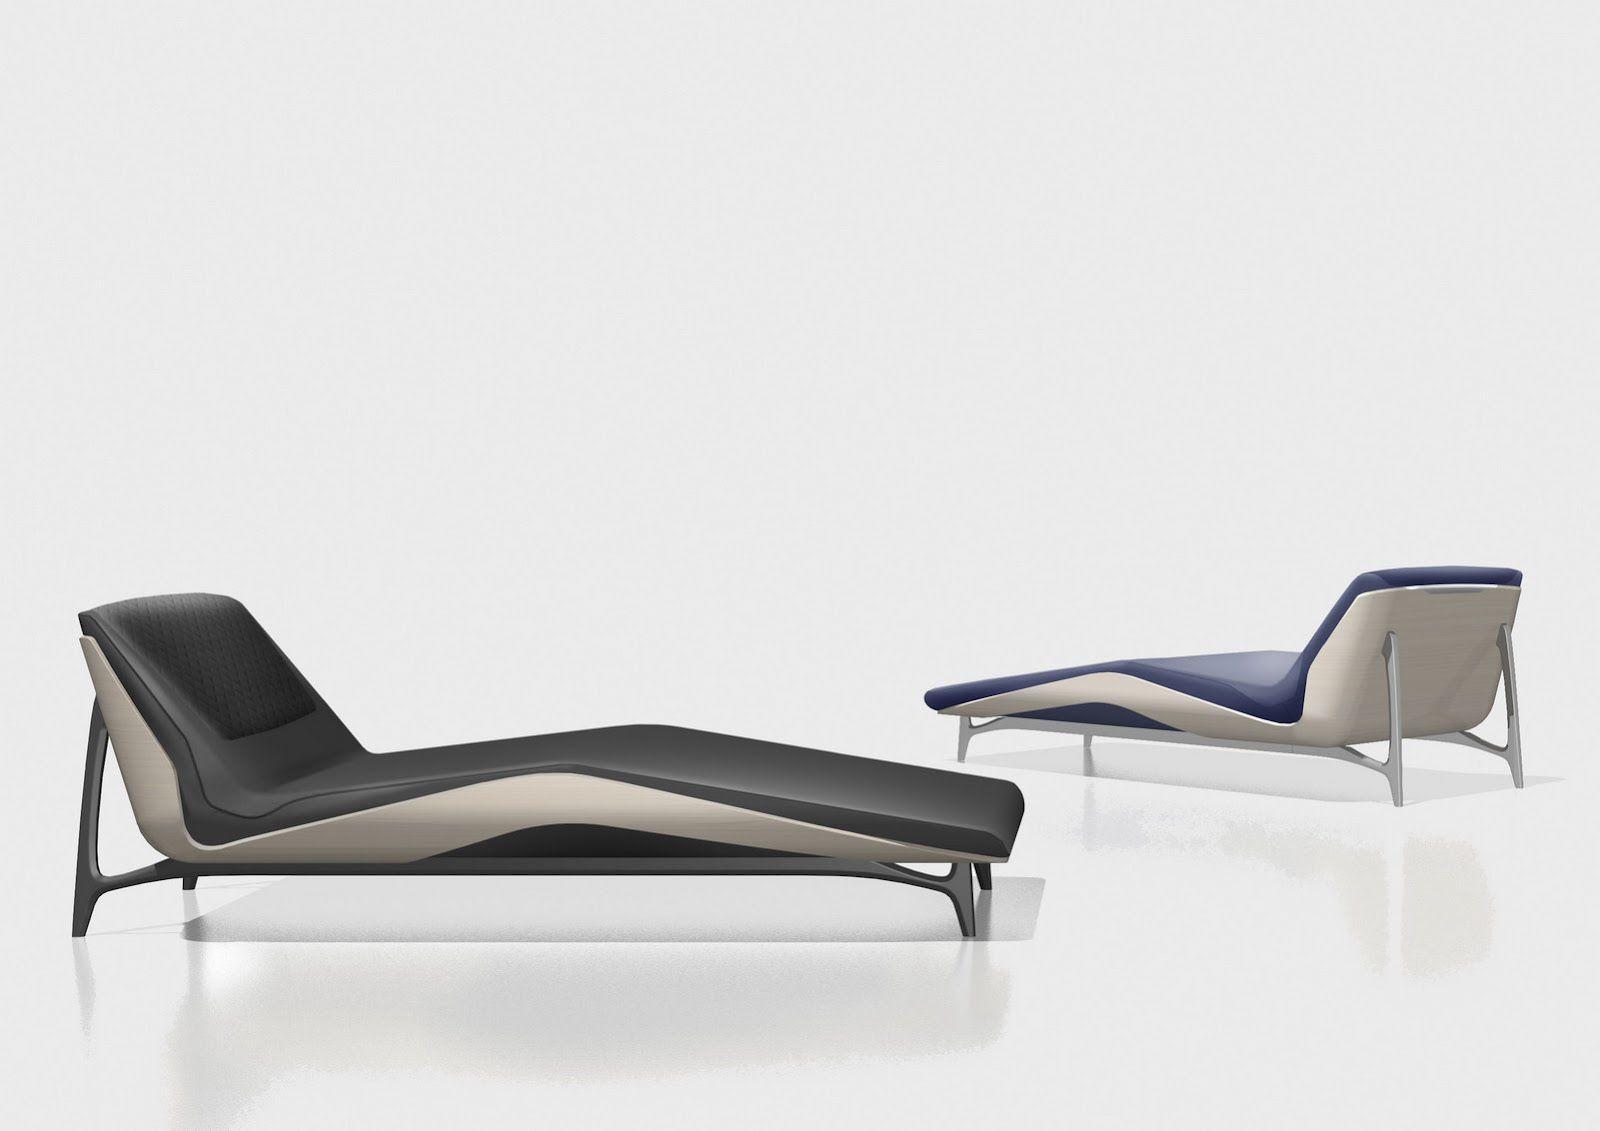 Mercedes Benz Furniture Furniture Pinterest Furniture Benz